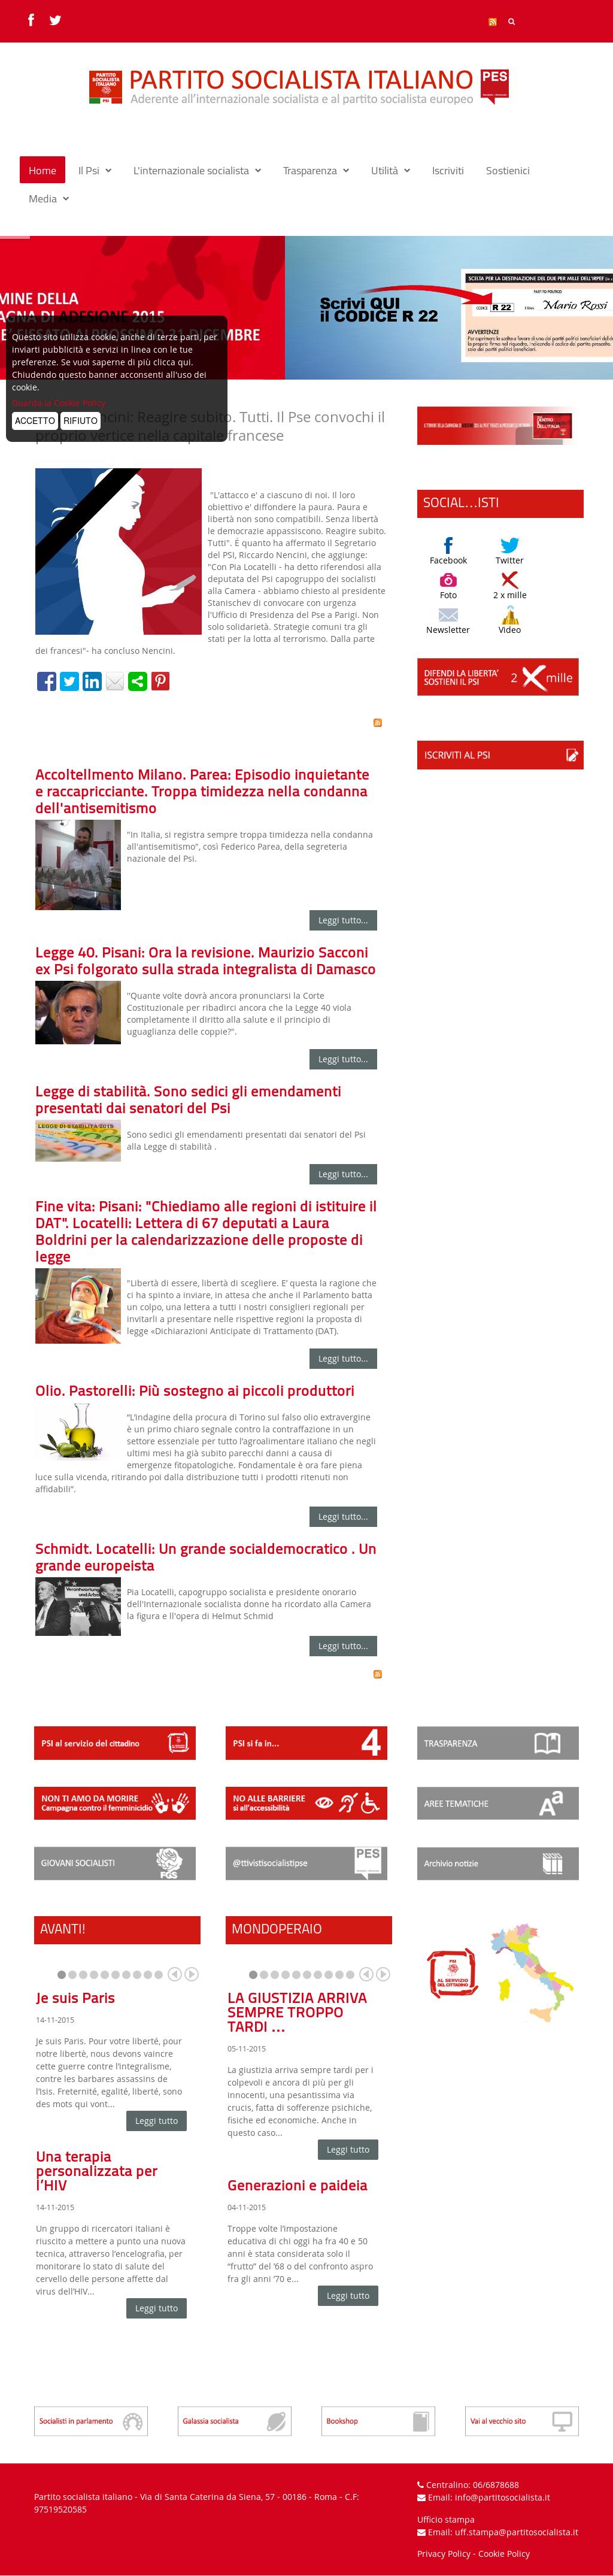 Tutto Luce Torino To partito socialista italiano psi competitors, revenue and